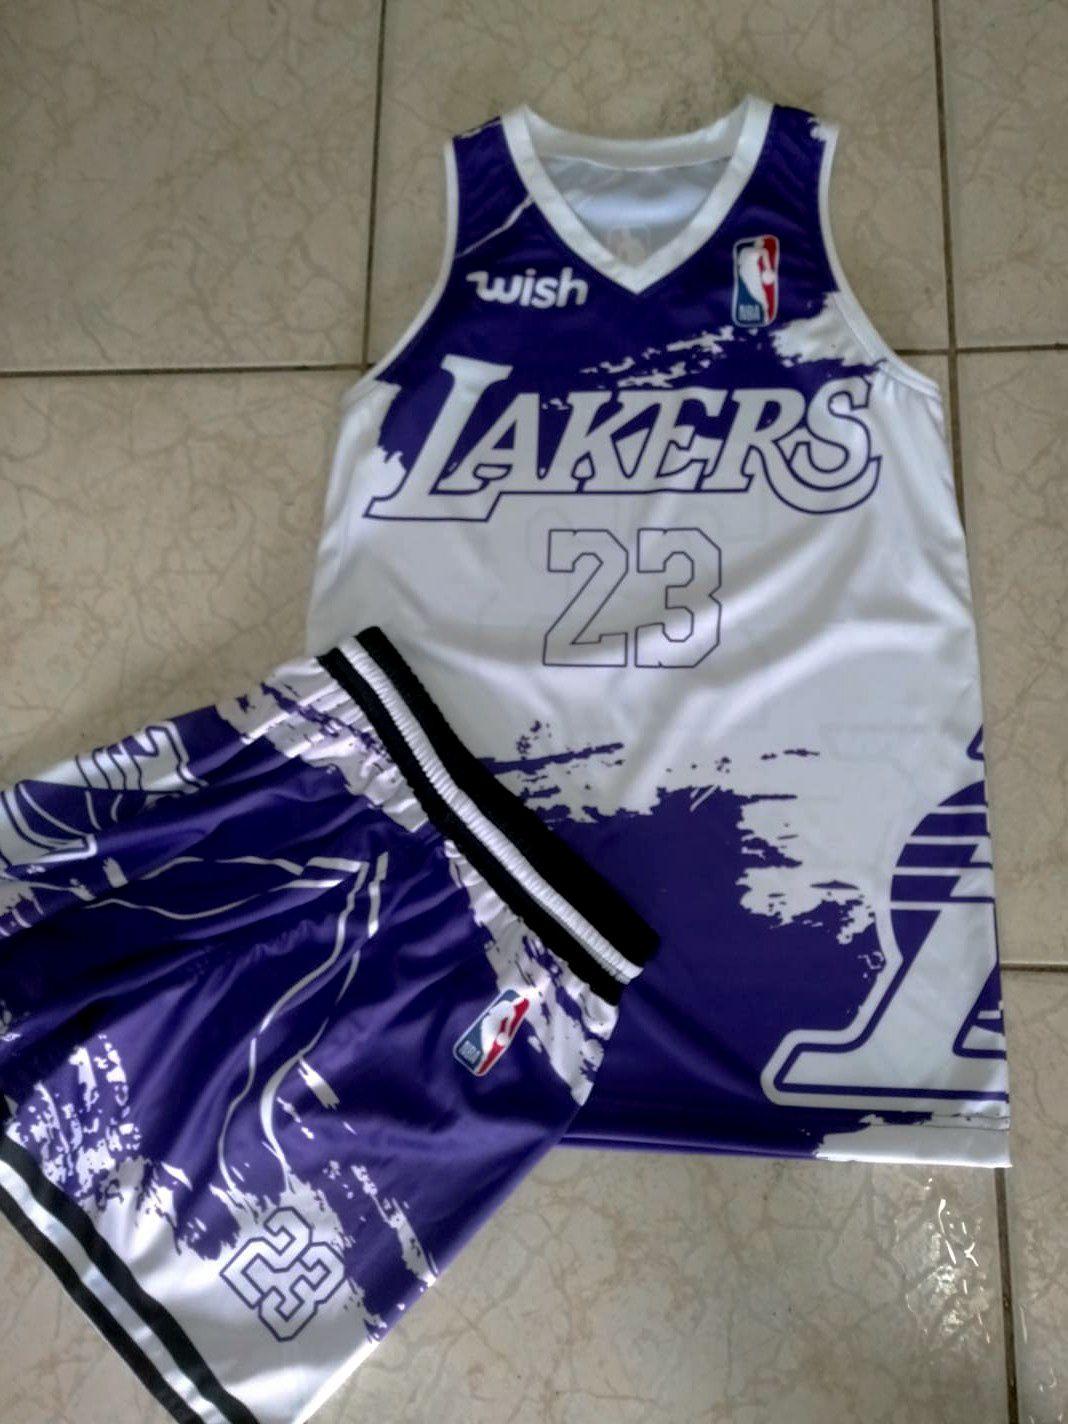 2020 La Lakers Purple White Basketball Jersey Designs In 2020 Basketball Jersey Jersey Design Jersey